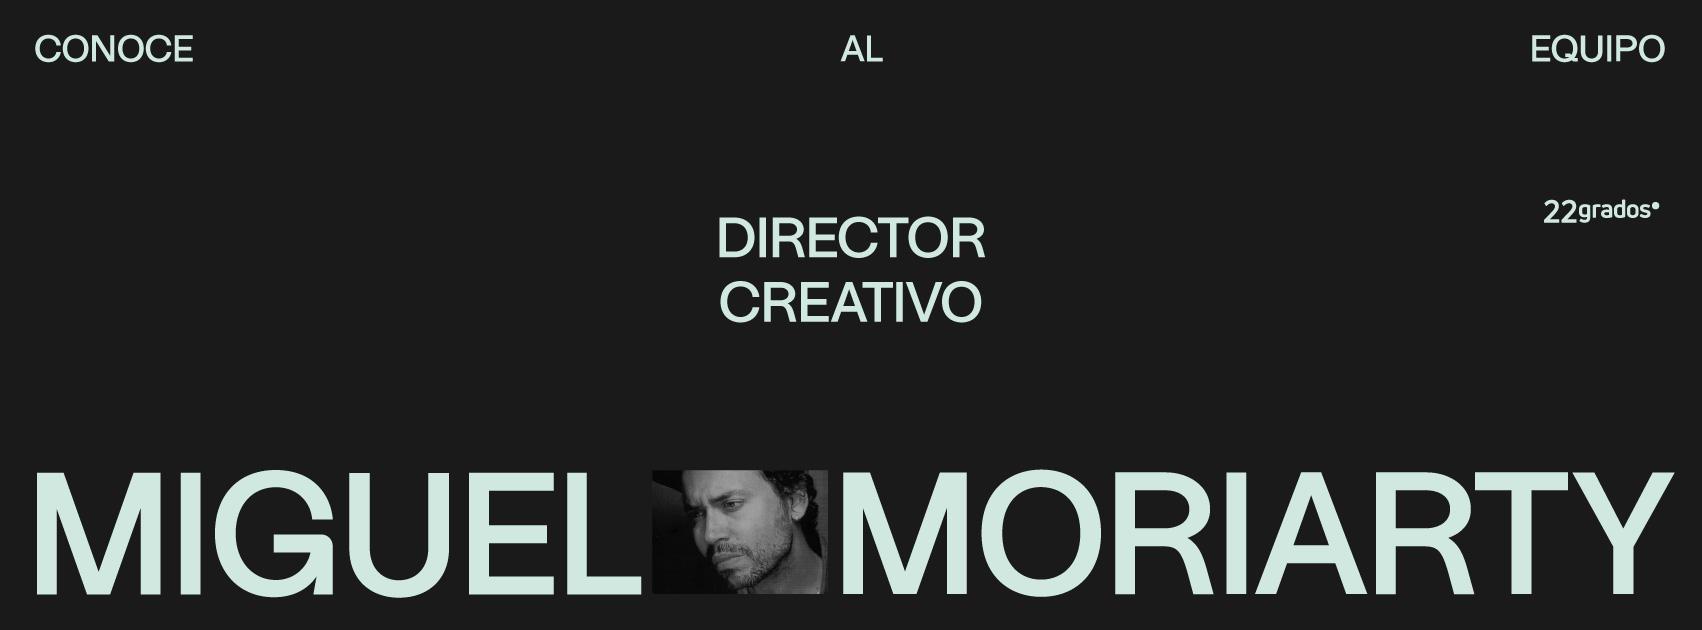 Conoce a nuestro Director Creativo: Miguel Moriarty